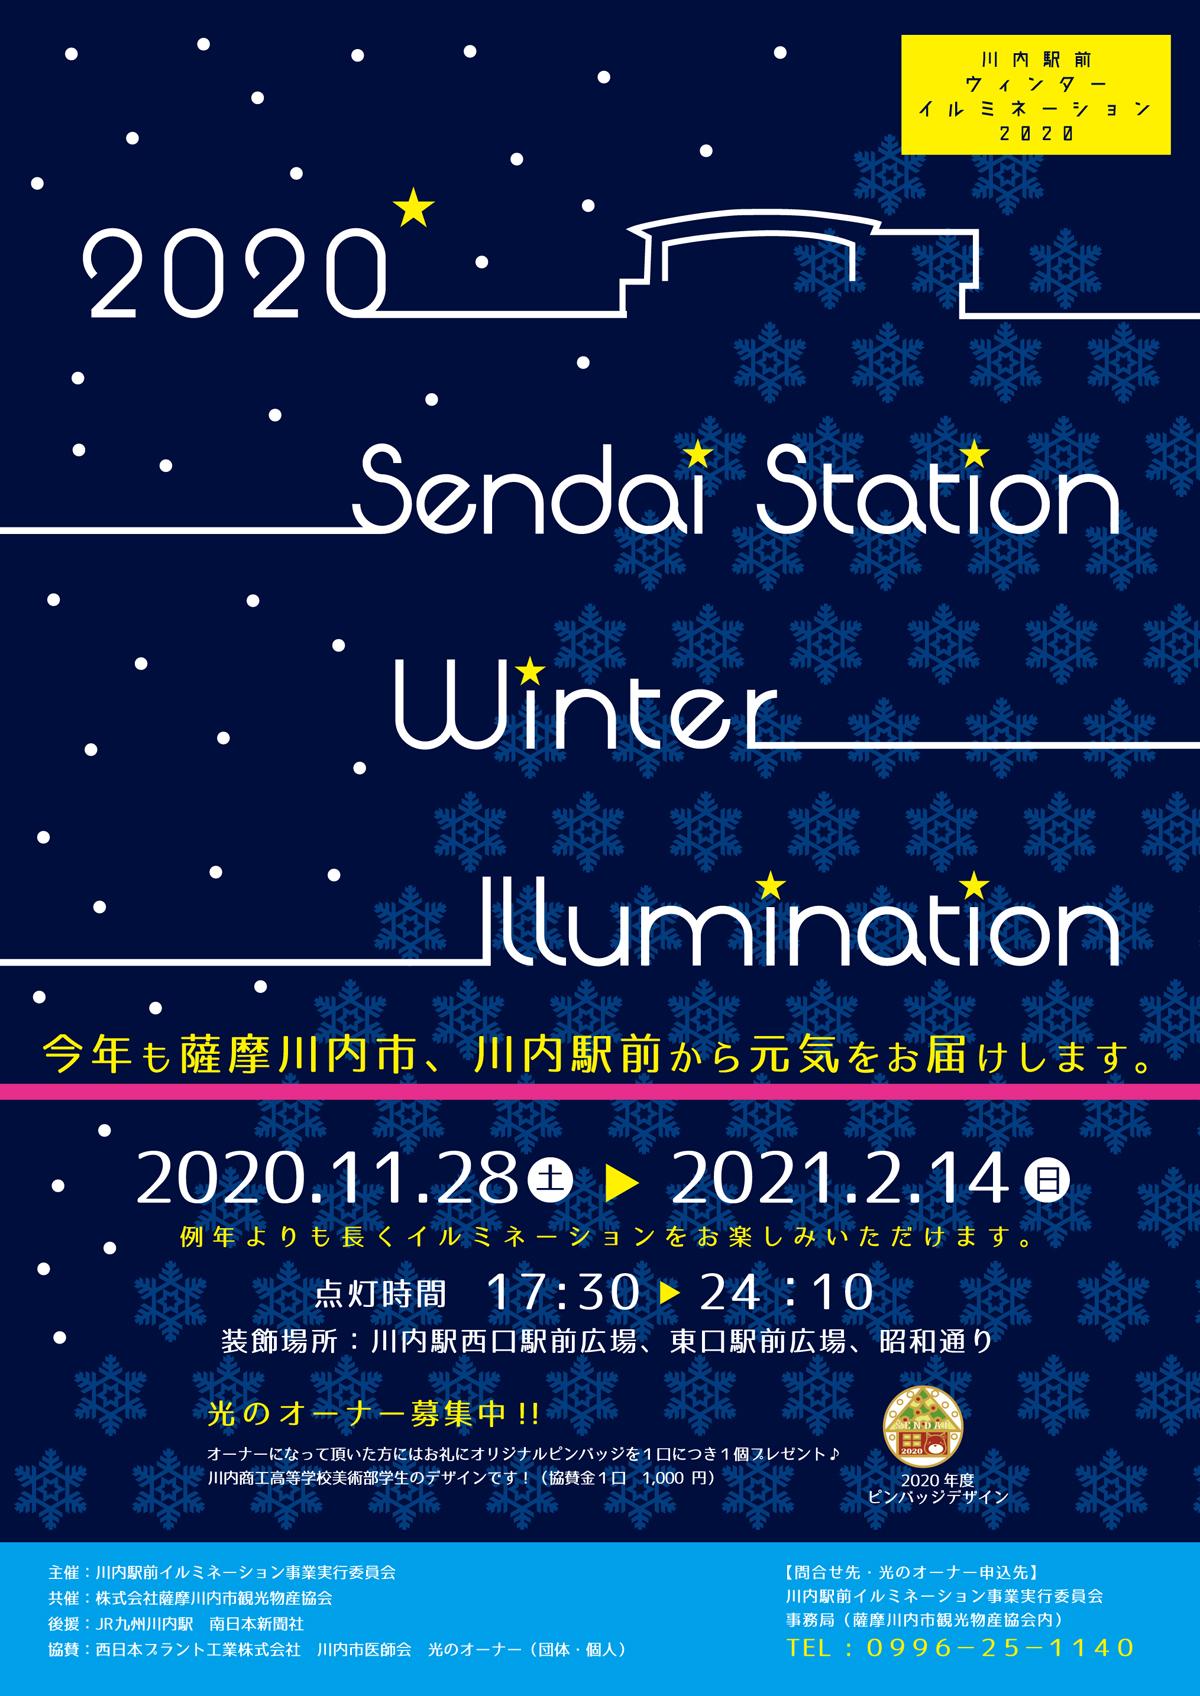 2020川内駅前イルミネーション 光のオーナー募集中!